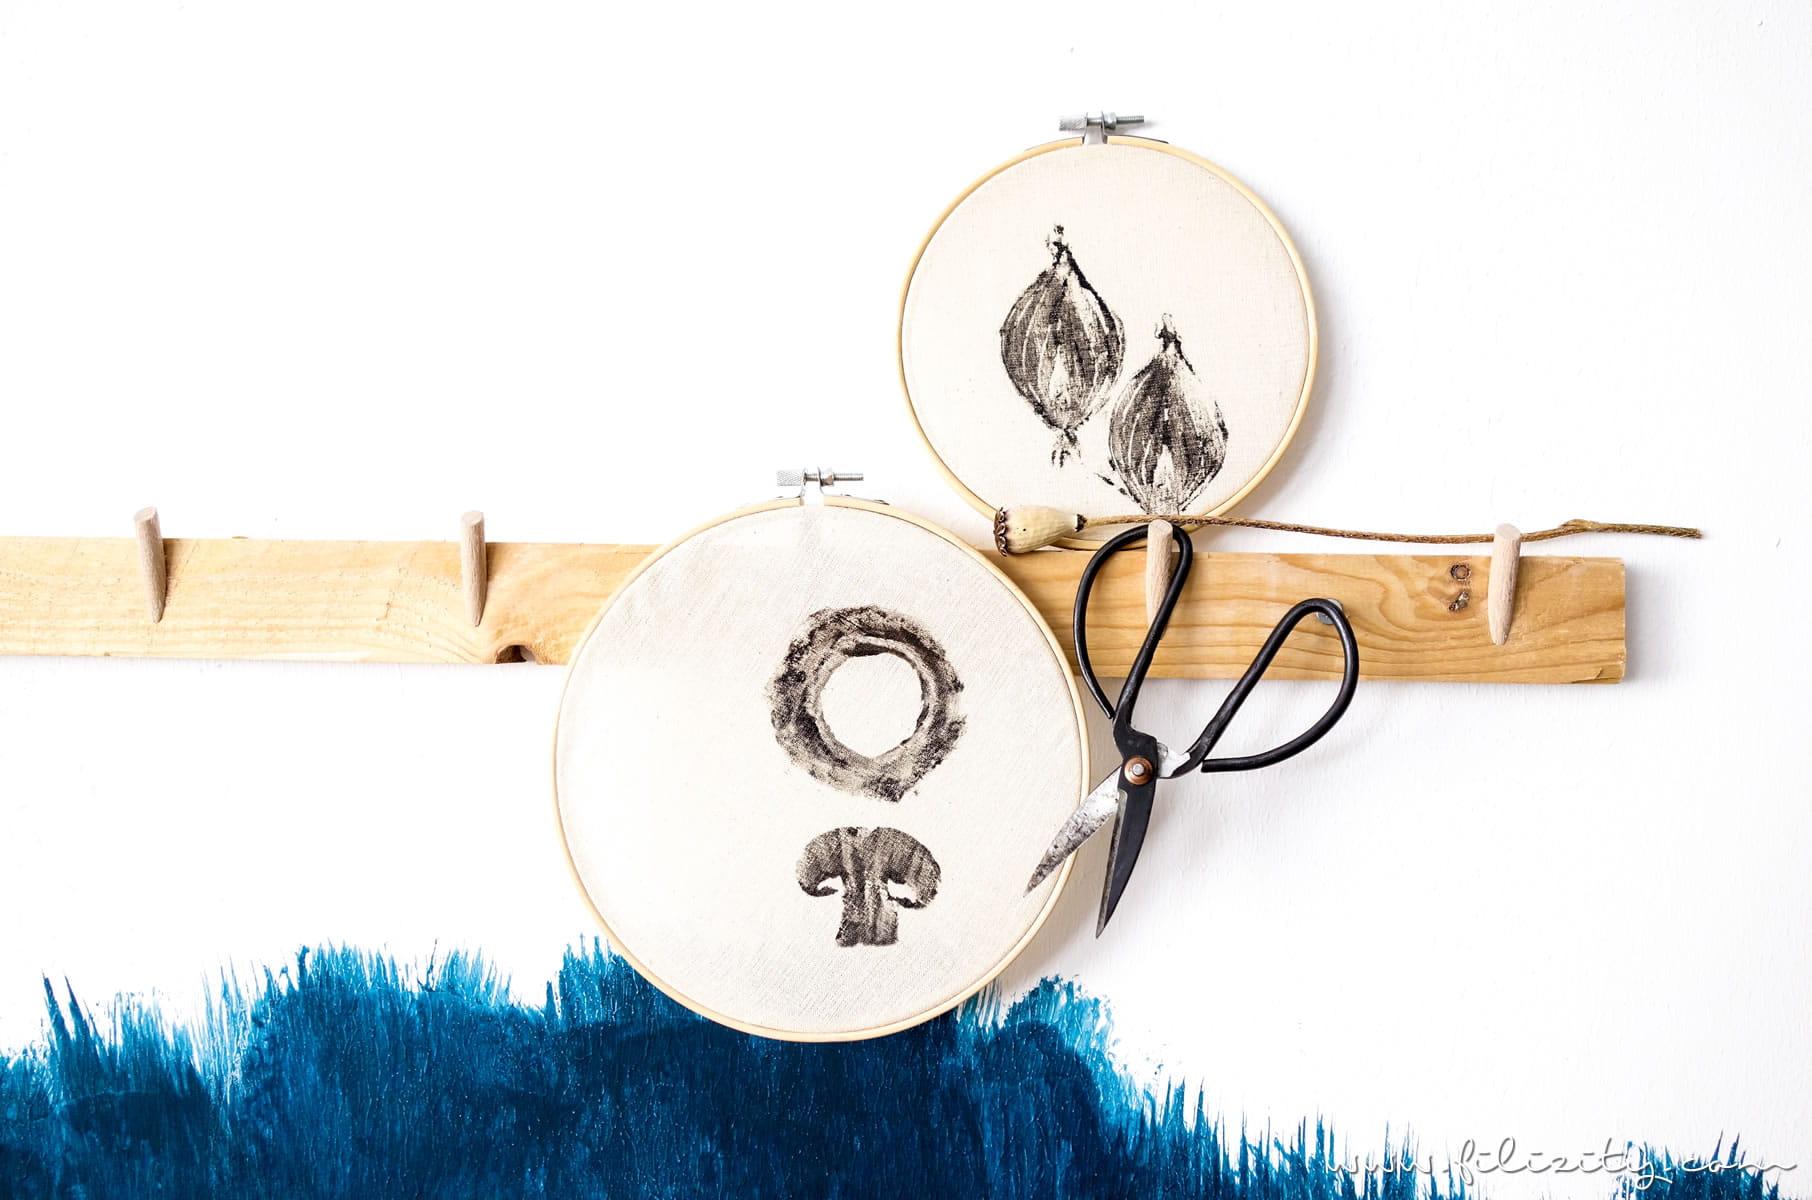 Stoff bedrucken mit DIY Stempeln - Deko für die Küche selber machen - 5 Blogs 1000 Ideen   Filizity.com - DIY Blog aus dem Rheinland #shabbychic #stempel #lastminute